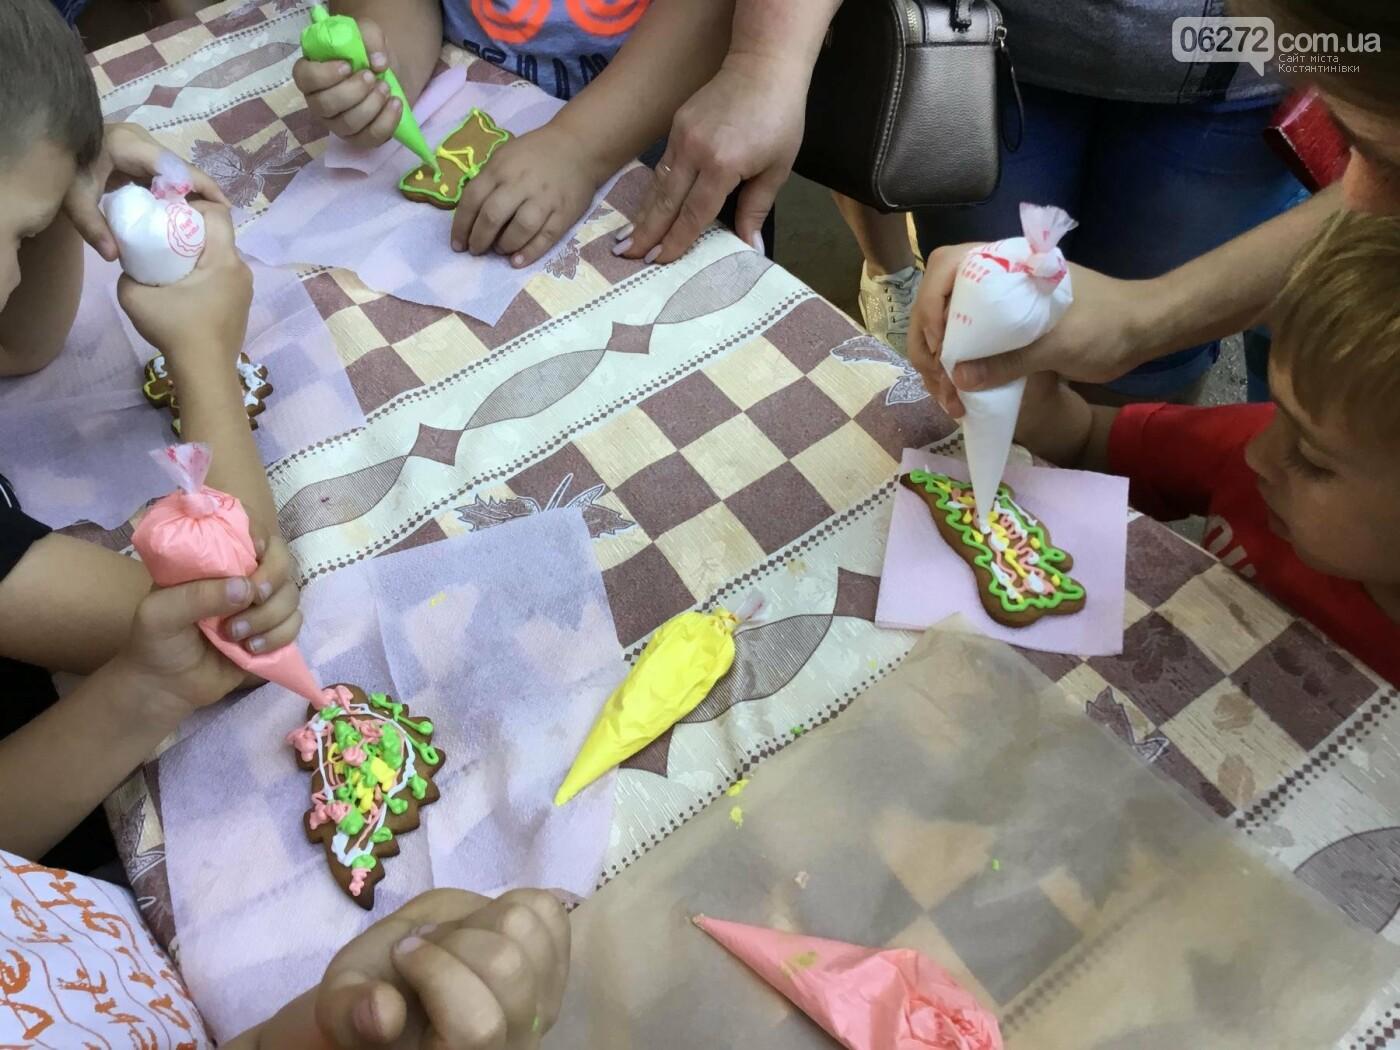 Вчера в Константиновке состоялся благотворительный праздник для детей (видео), фото-2